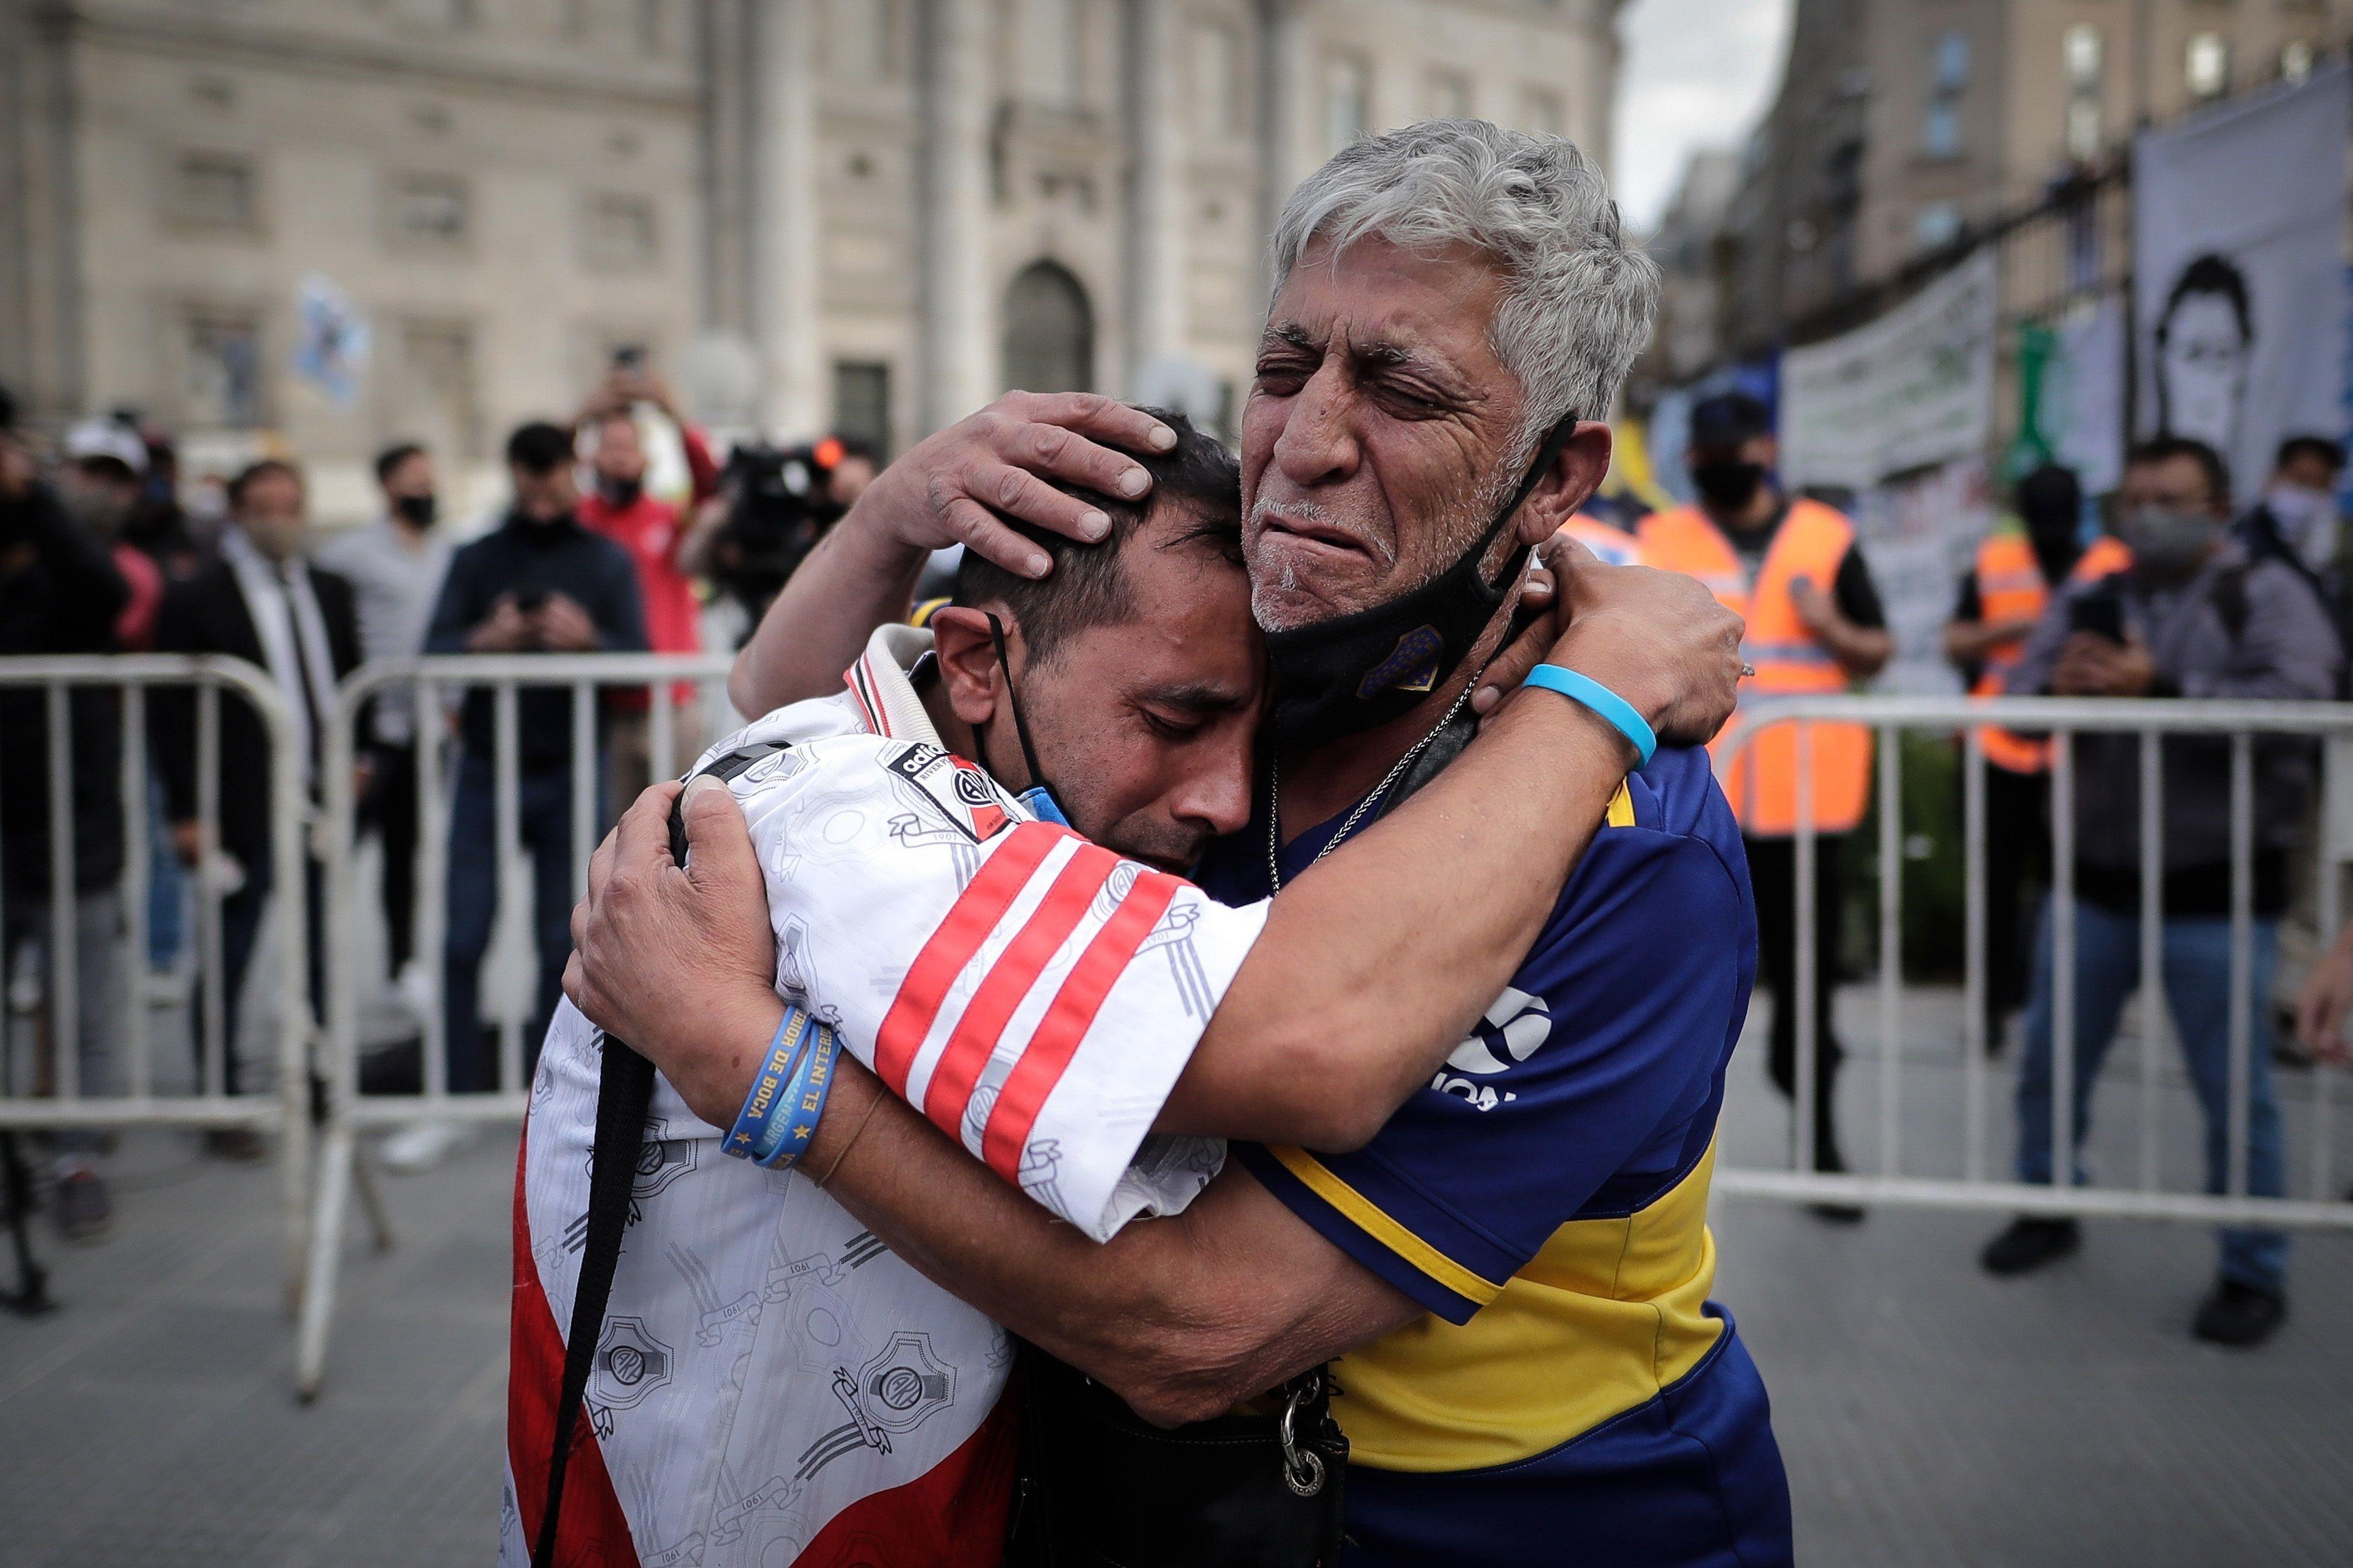 Morte Maradona, tifosi di Boca Juniors e River Plate piangono insieme per la scomparsa di Diego